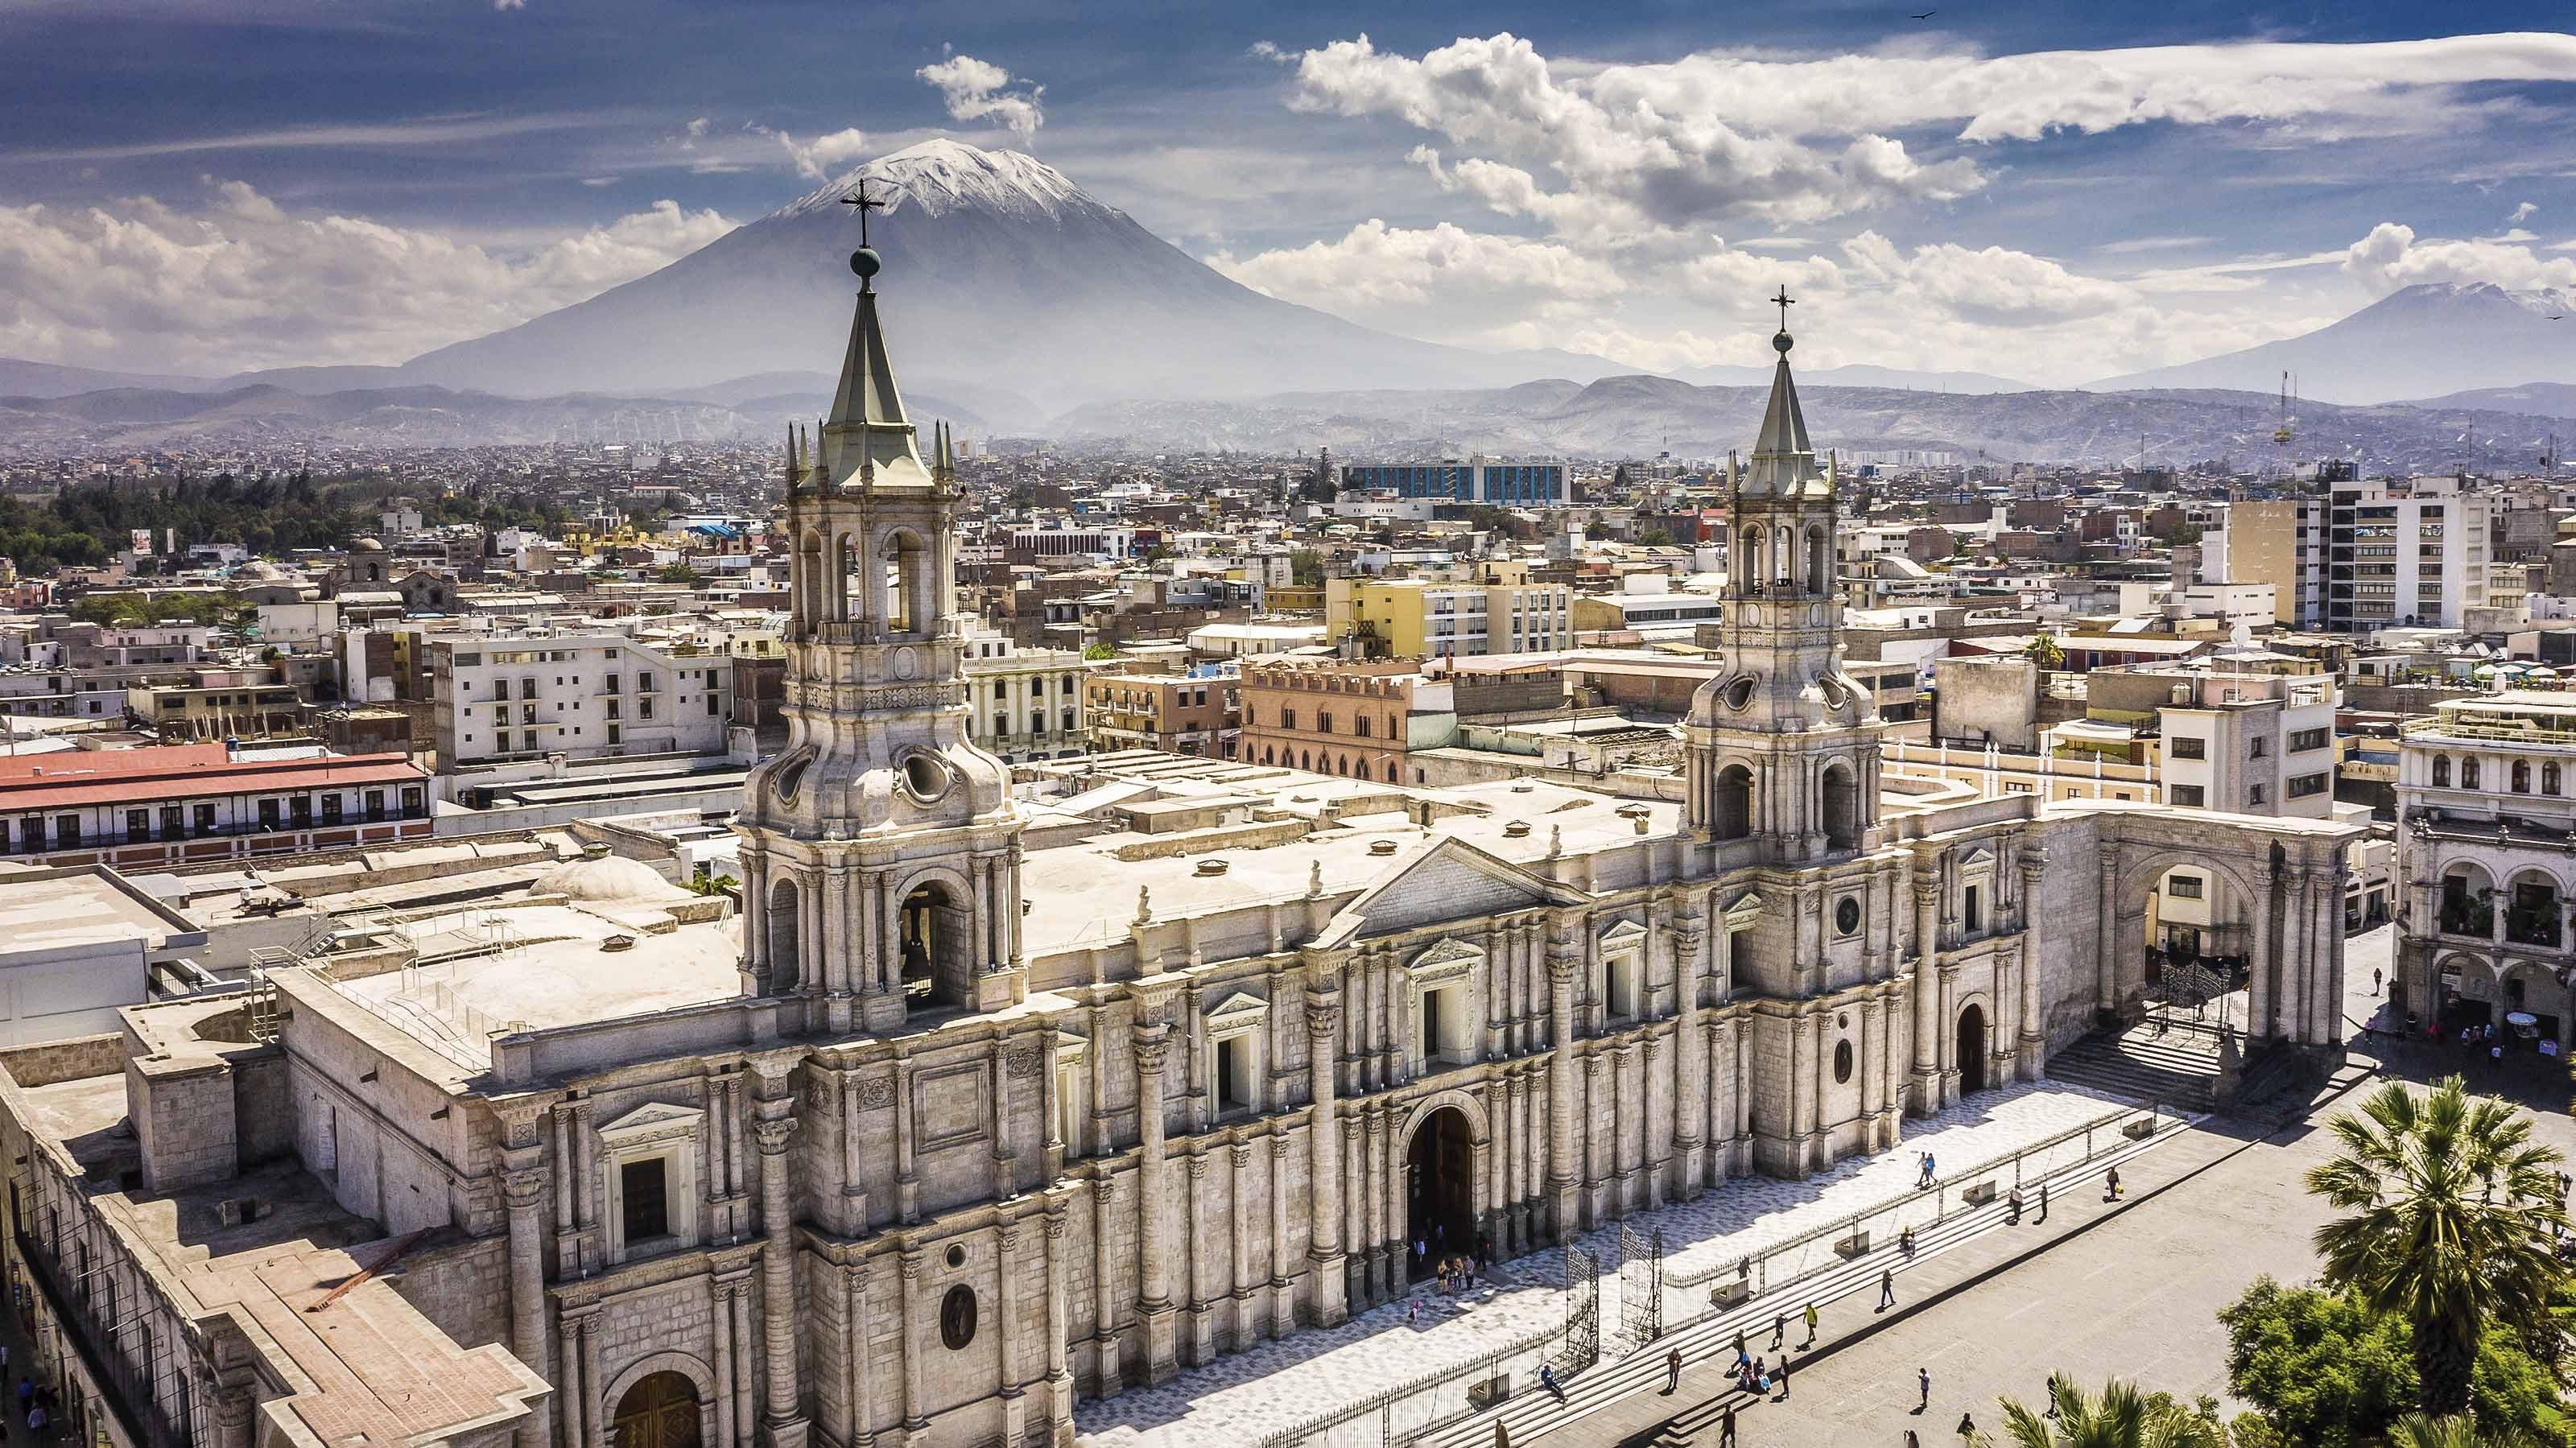 El turismo en Arequipa, golpeado por el cerco epidemiológico y la variante Delta